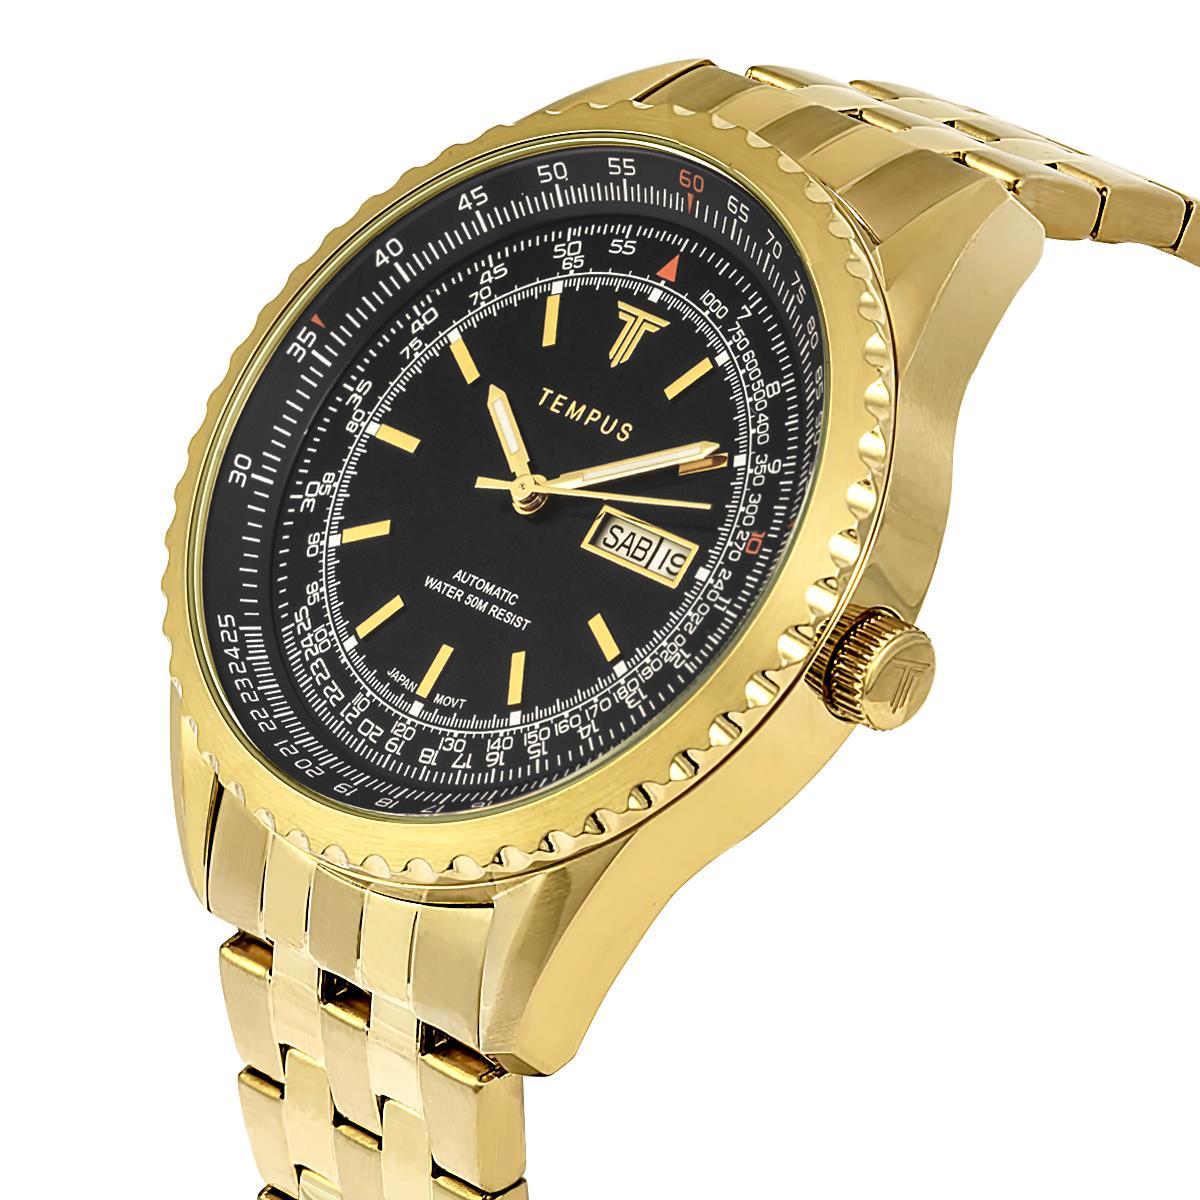 37cd46ea50e Relógio Masculino Tempus Magnific ZW30321U Gold Black